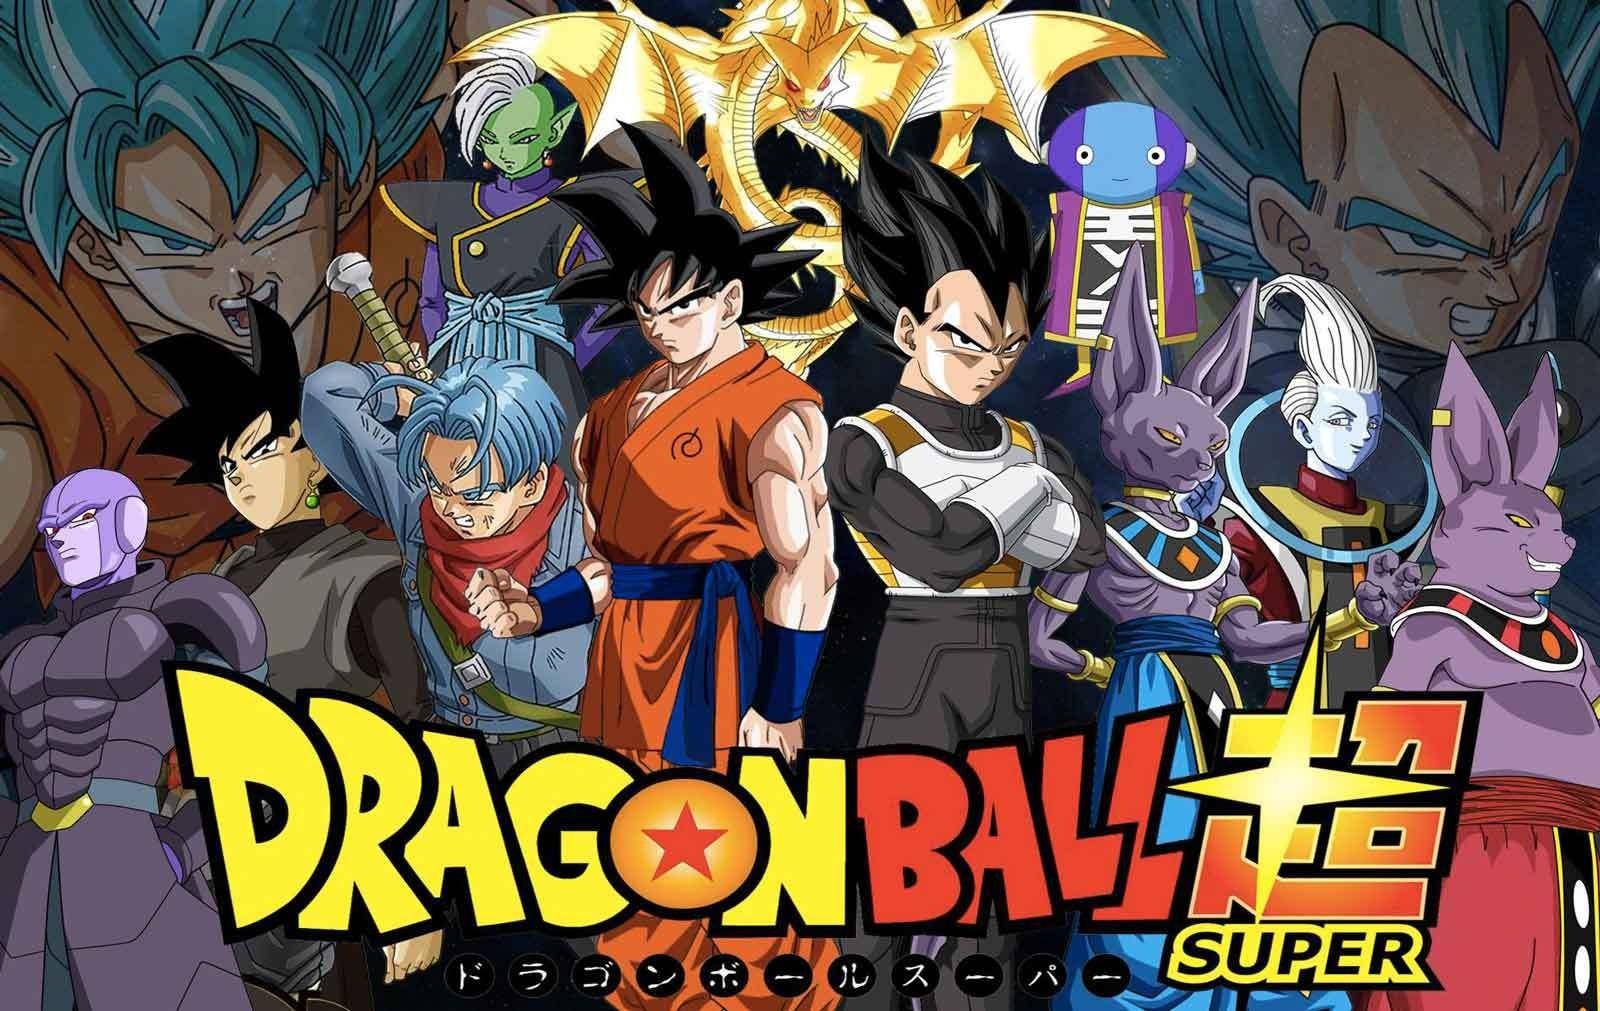 Connaissez-vous vraiment Dragon Ball Super ?